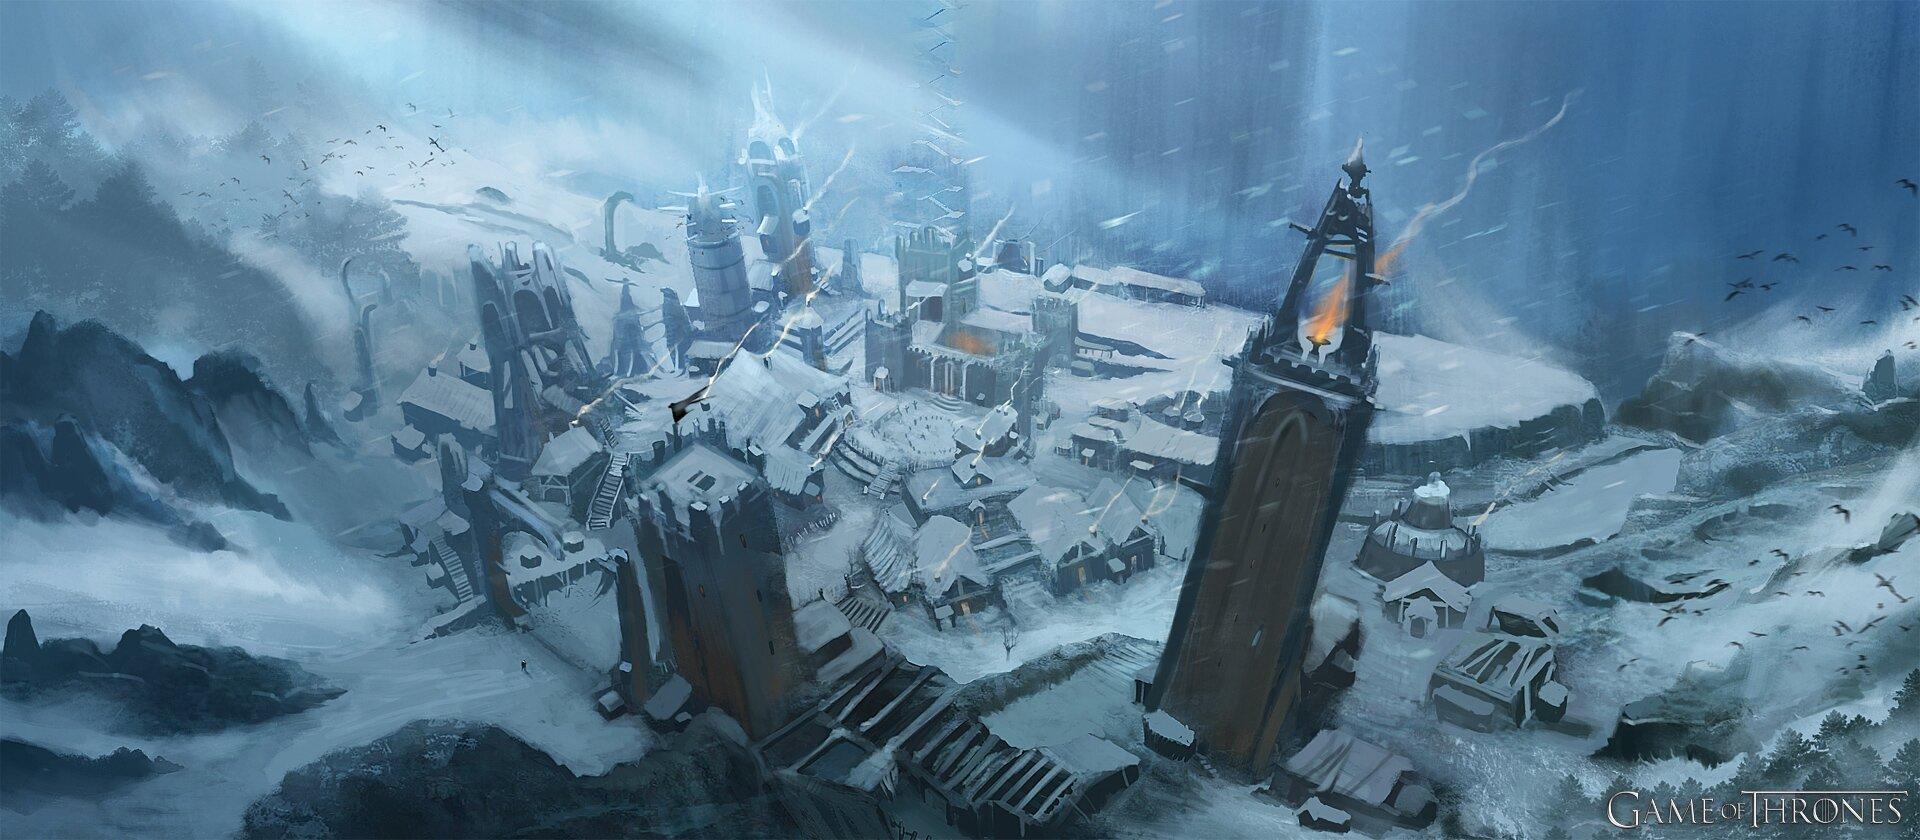 Imagenes Epicas Gameofthrones_artwork-10